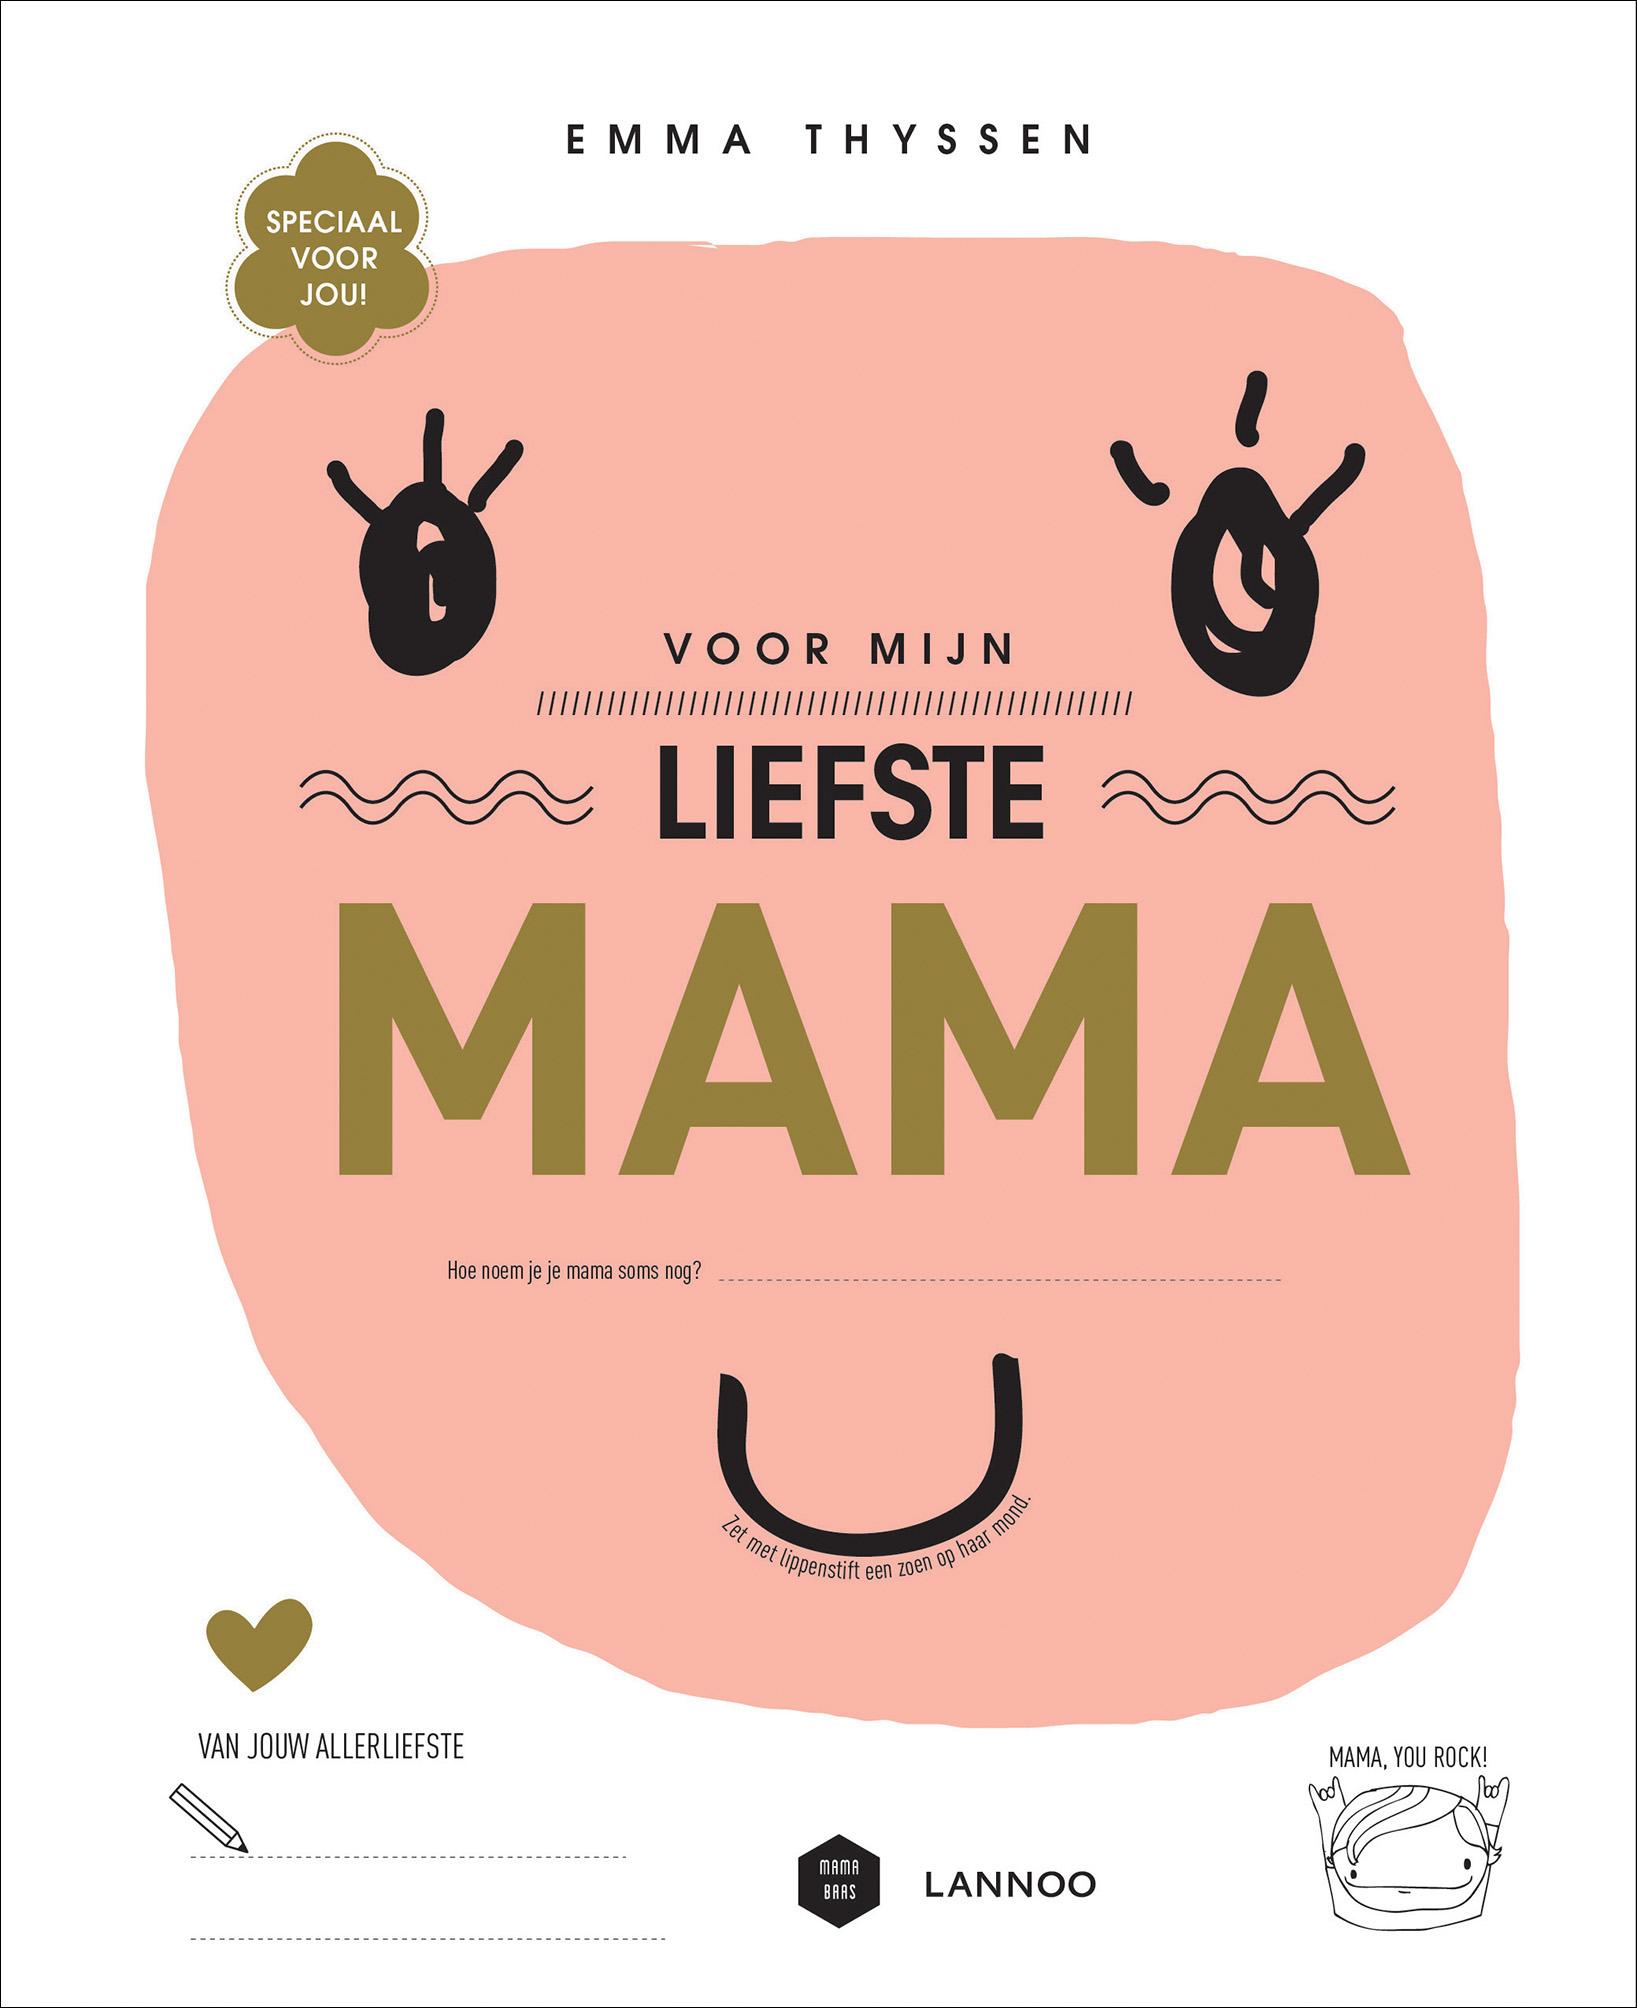 6d4fd1db59c Voor mijn liefste mama | Uitgeverij Lannoo